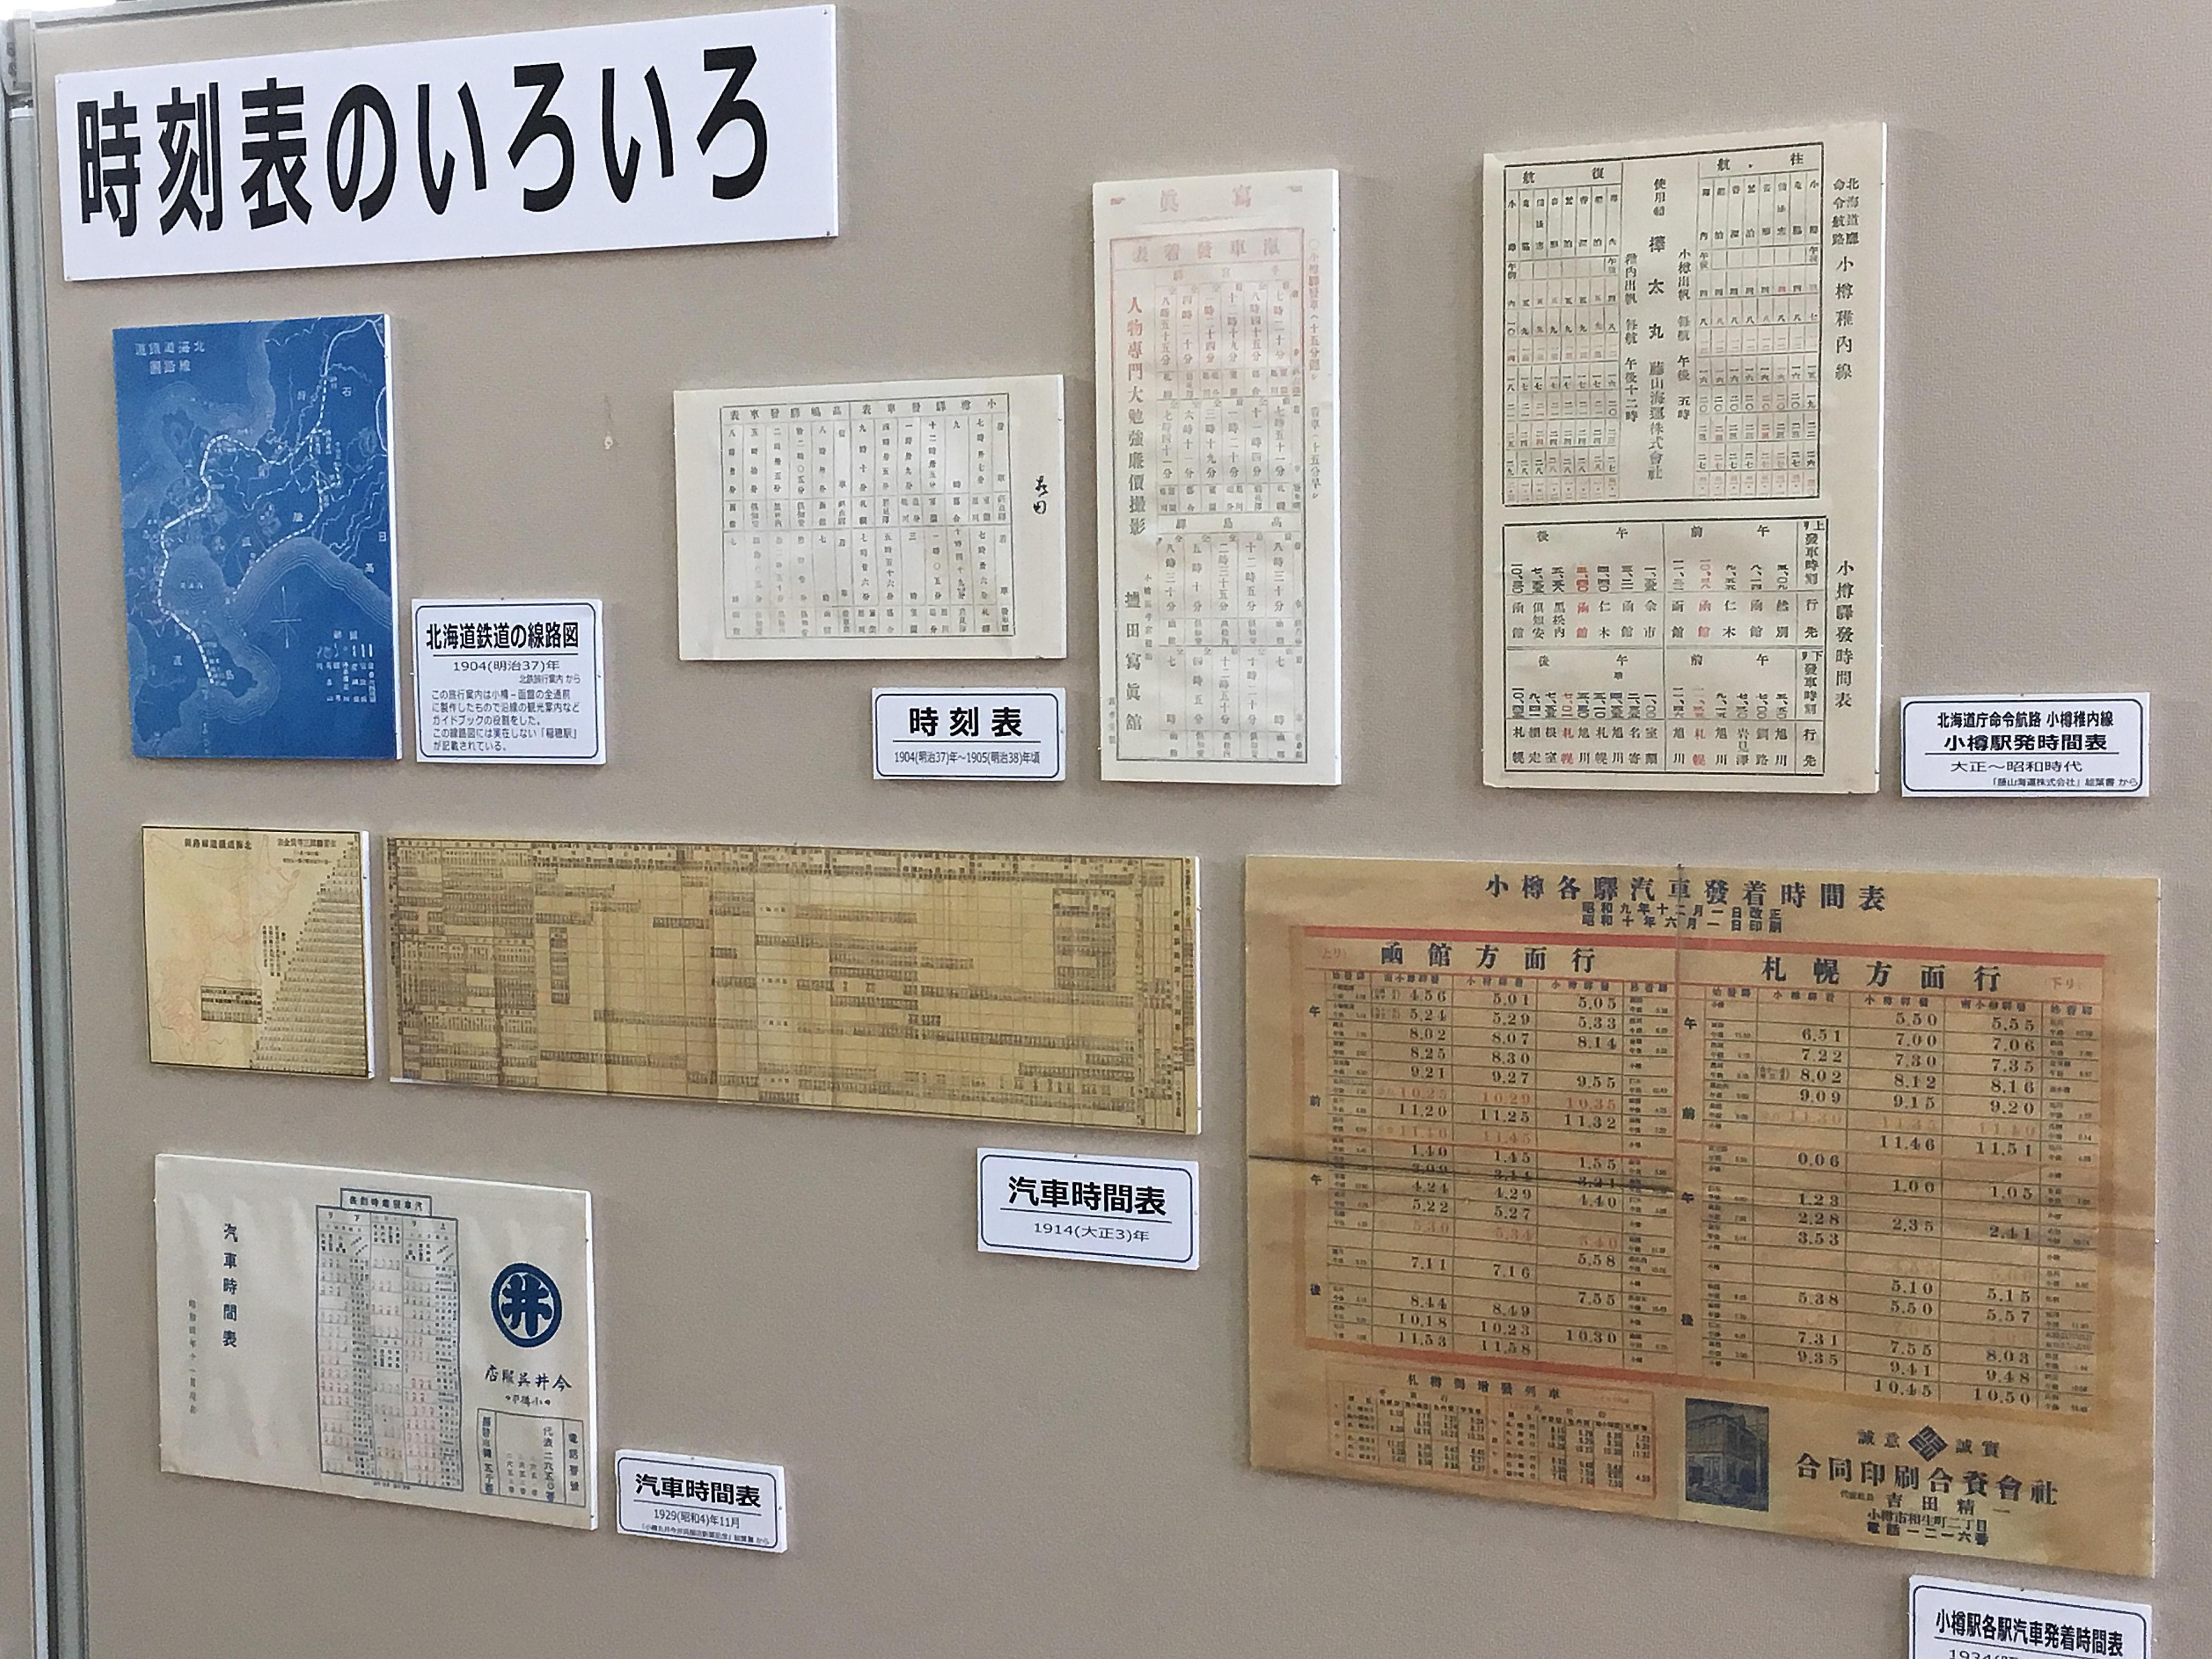 小樽駅開駅115周年イベント 展示2_180715.JPG